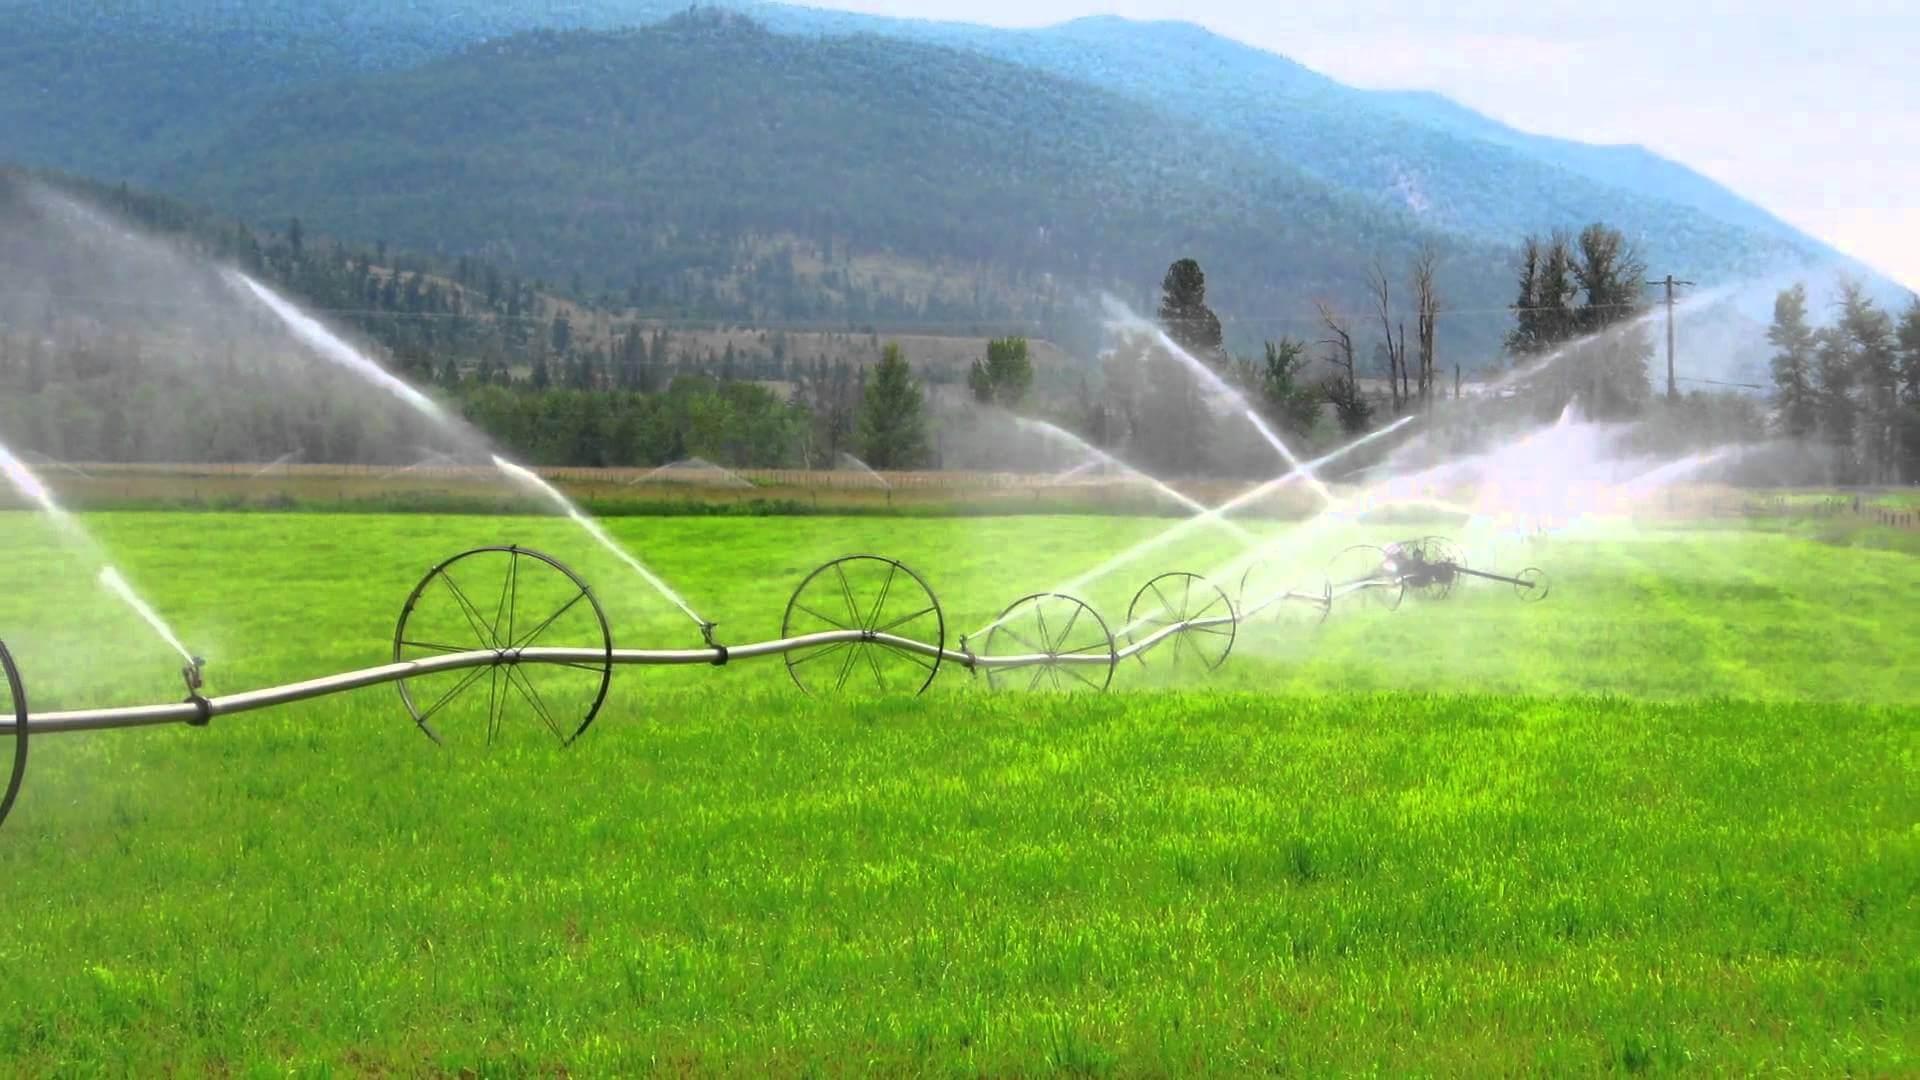 Dünyada nüfus artışına paralel olarak artan gıda ihtiyacı ile birlikte tarımsal su ihtiyacı da artmaktadır.